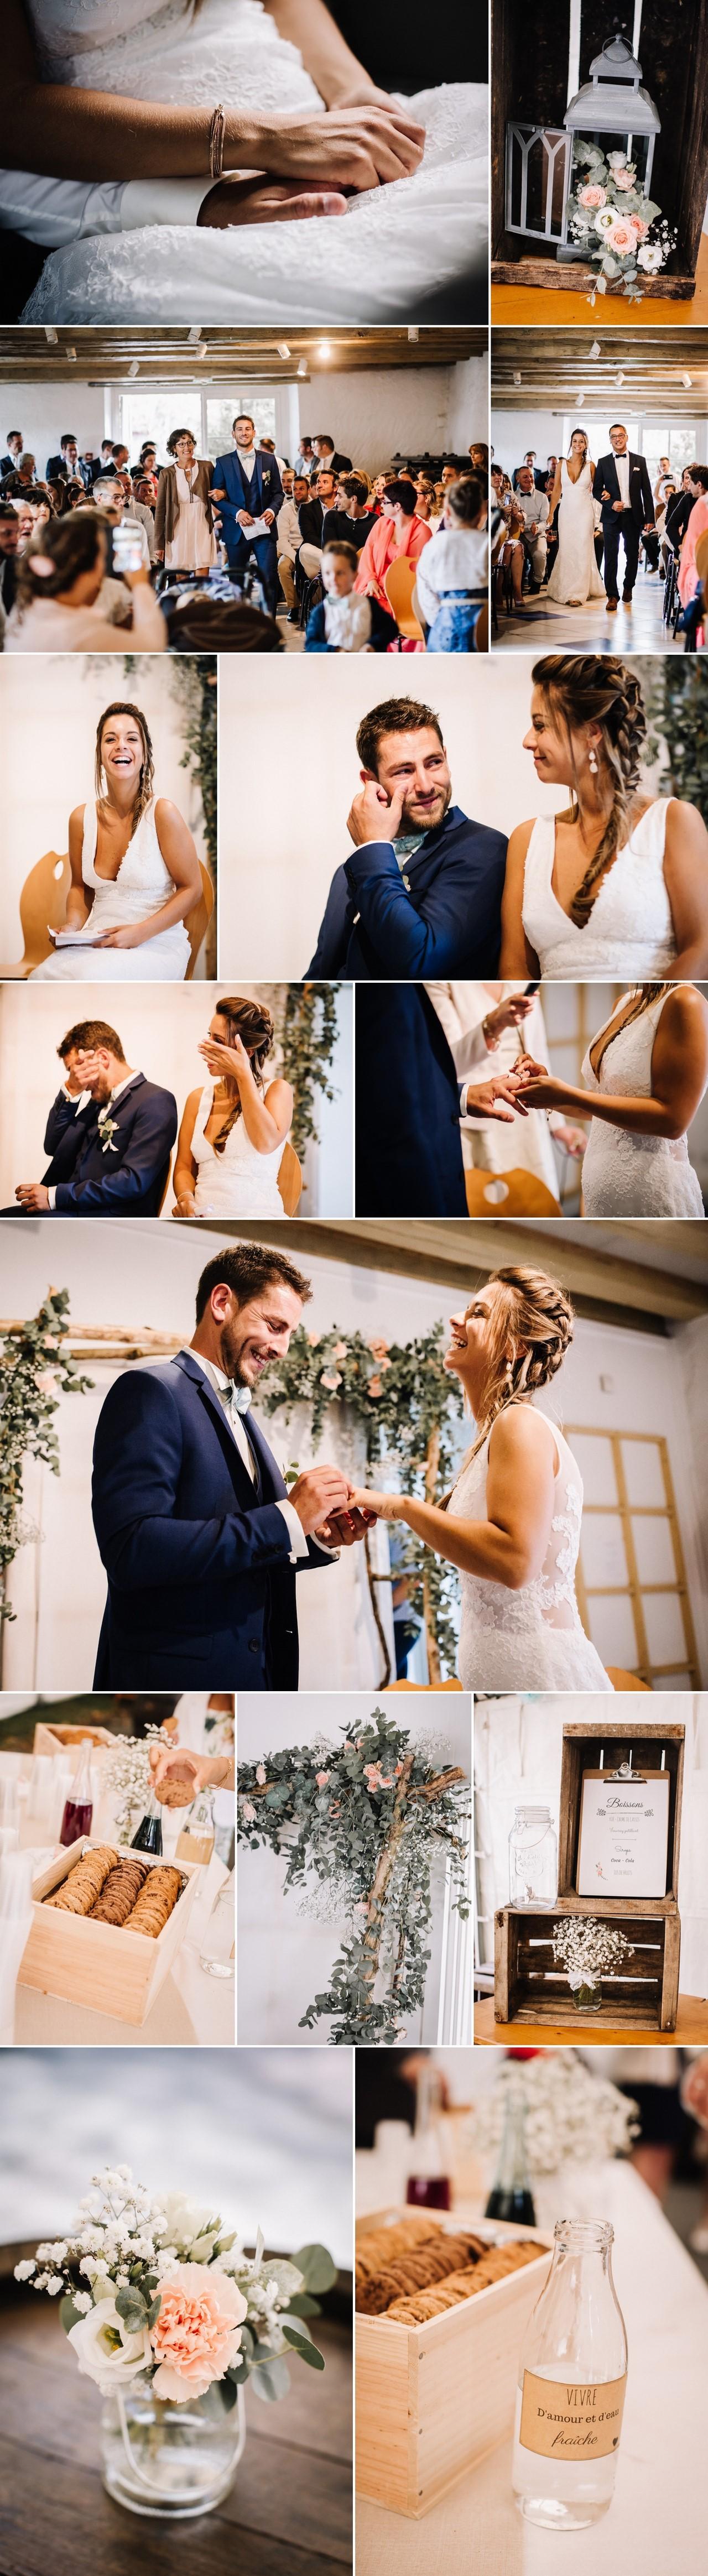 Mariage bohème à Tours